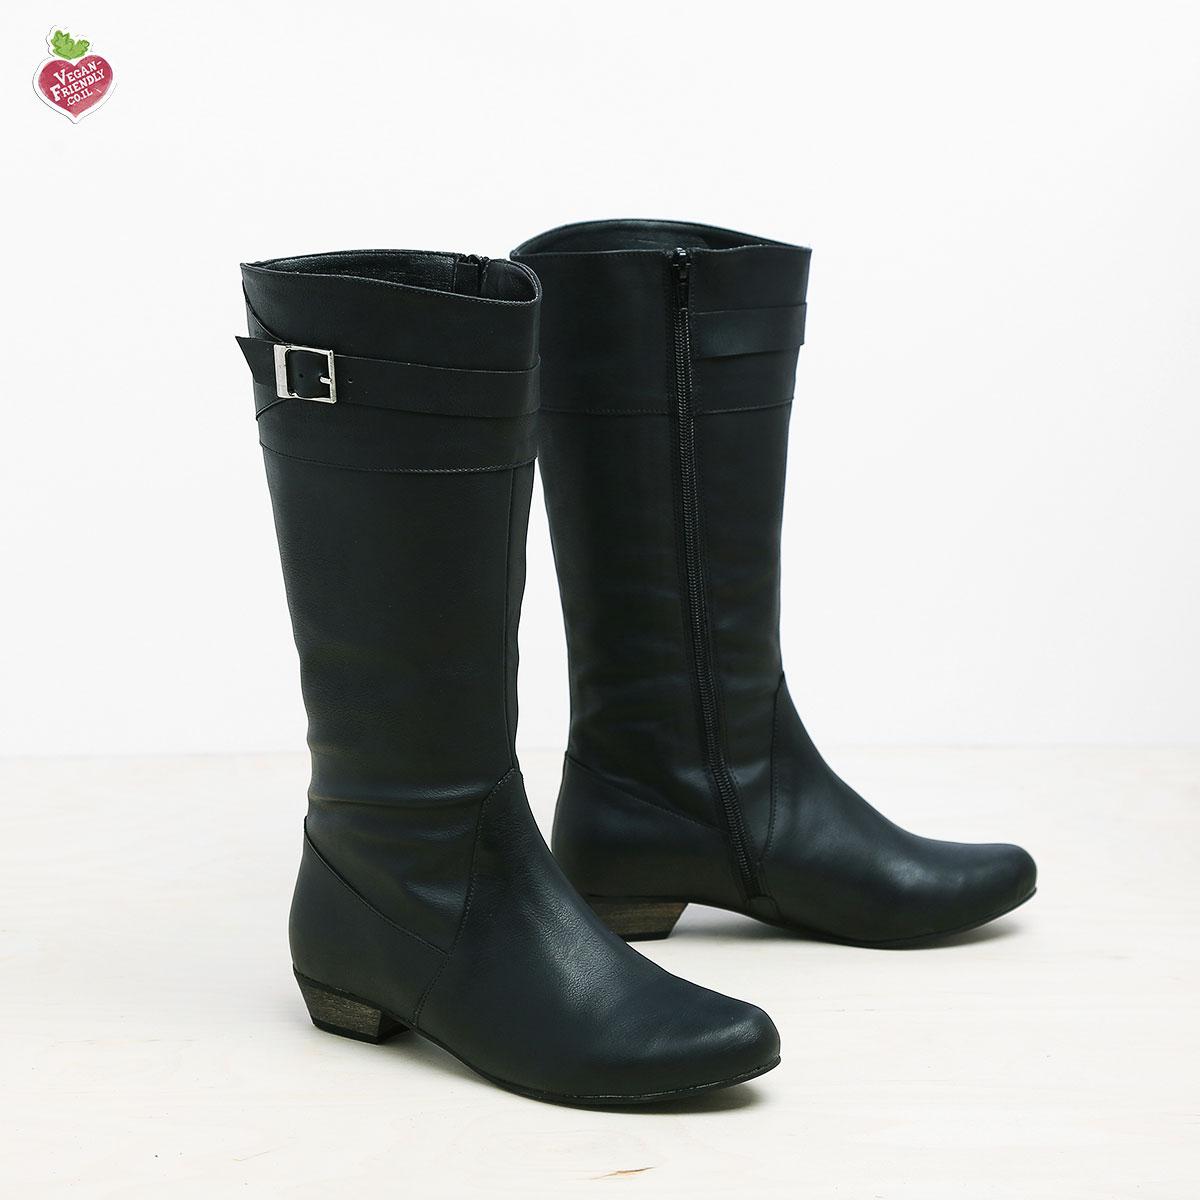 דגם דאגלס: מגפיים טבעוניים לנשים בצבע שחור